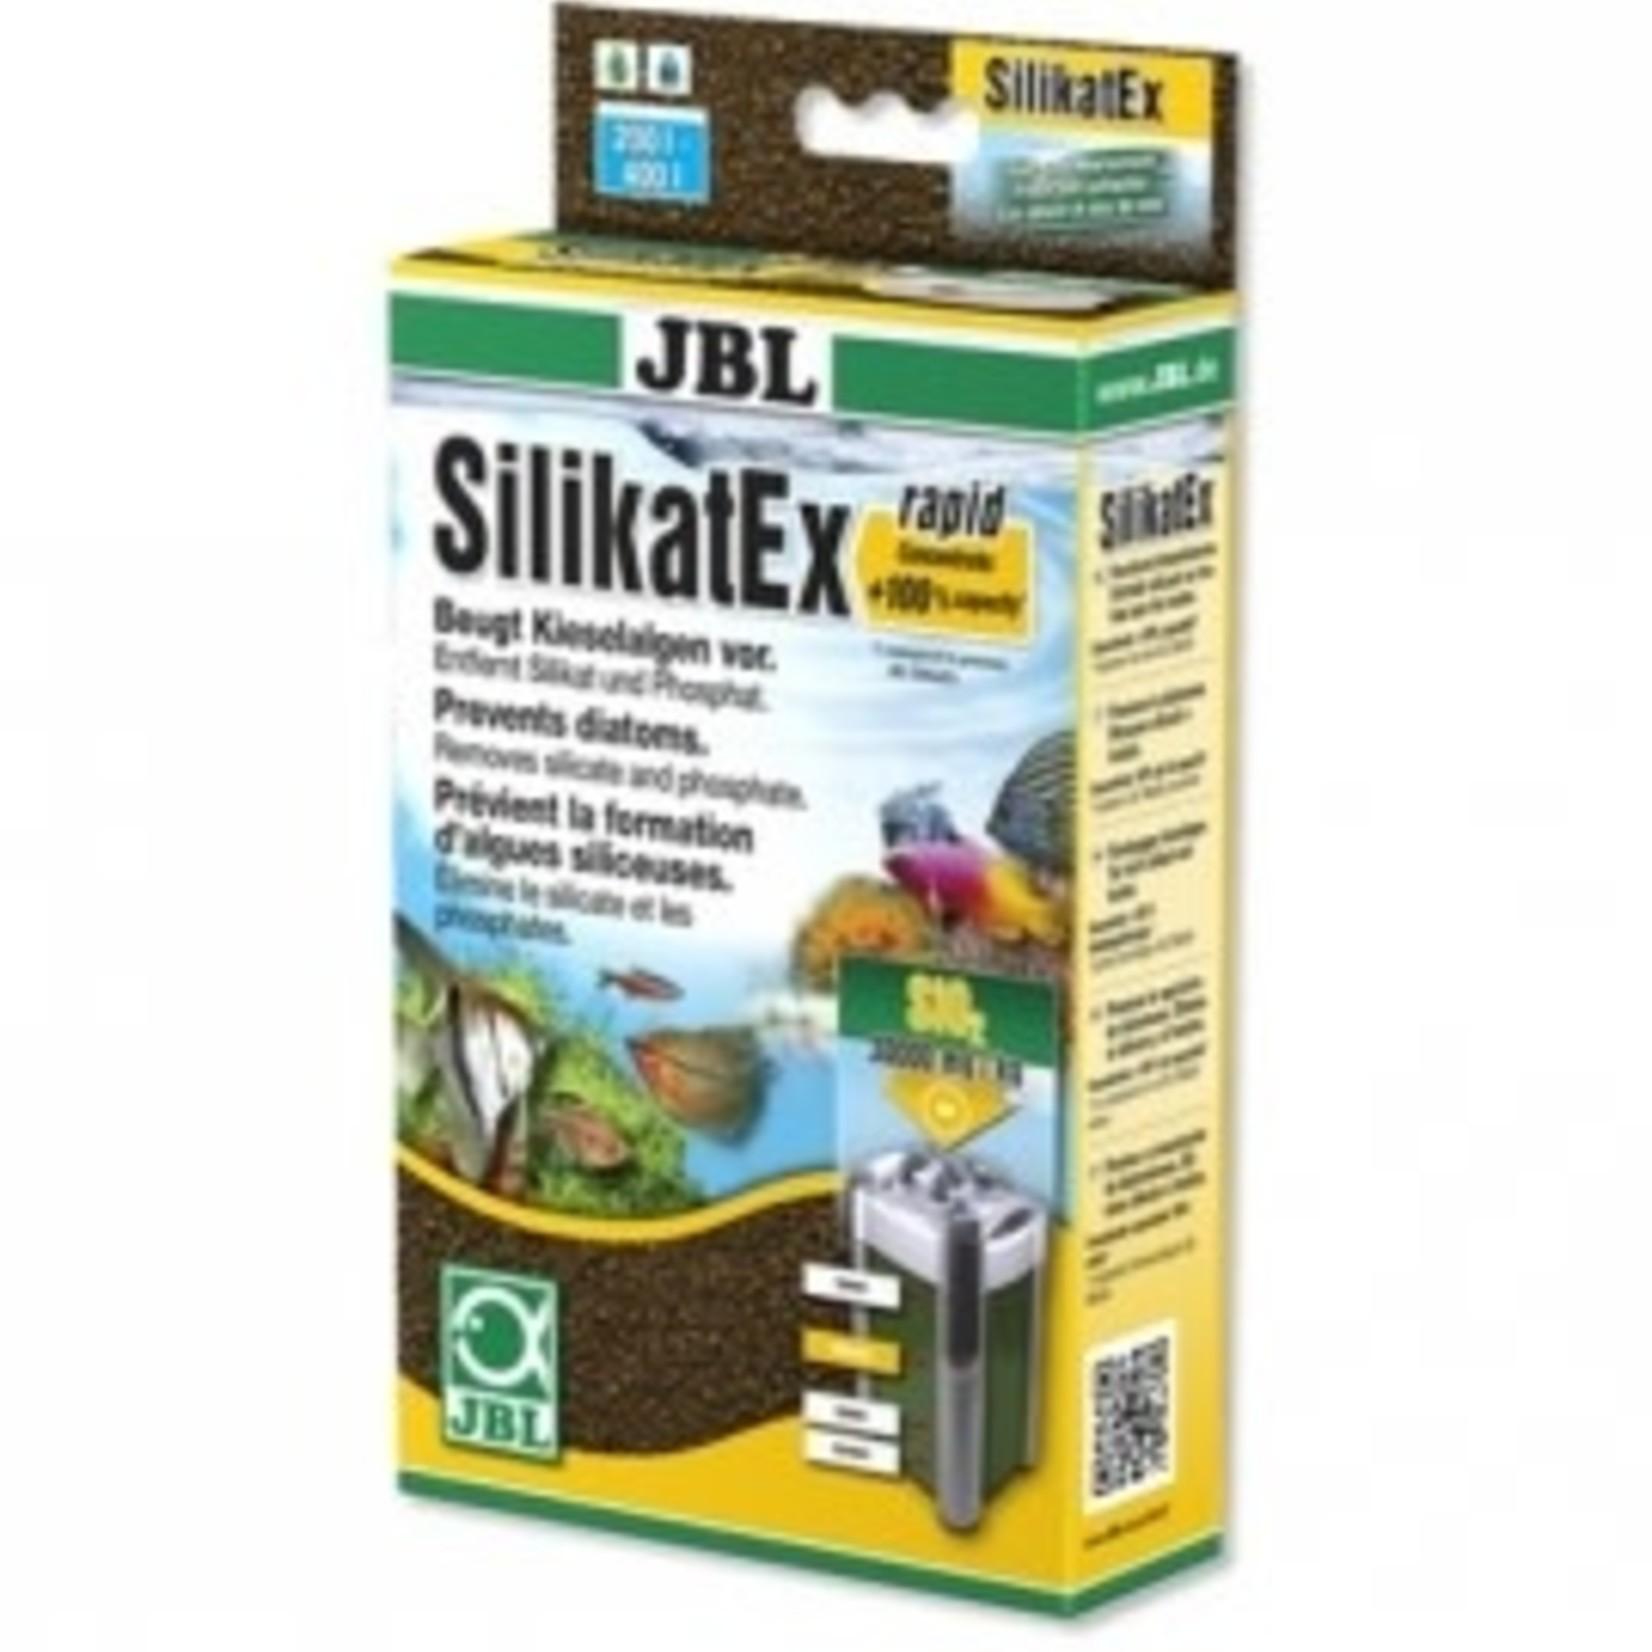 JBL JBL SilikatEx Rapid